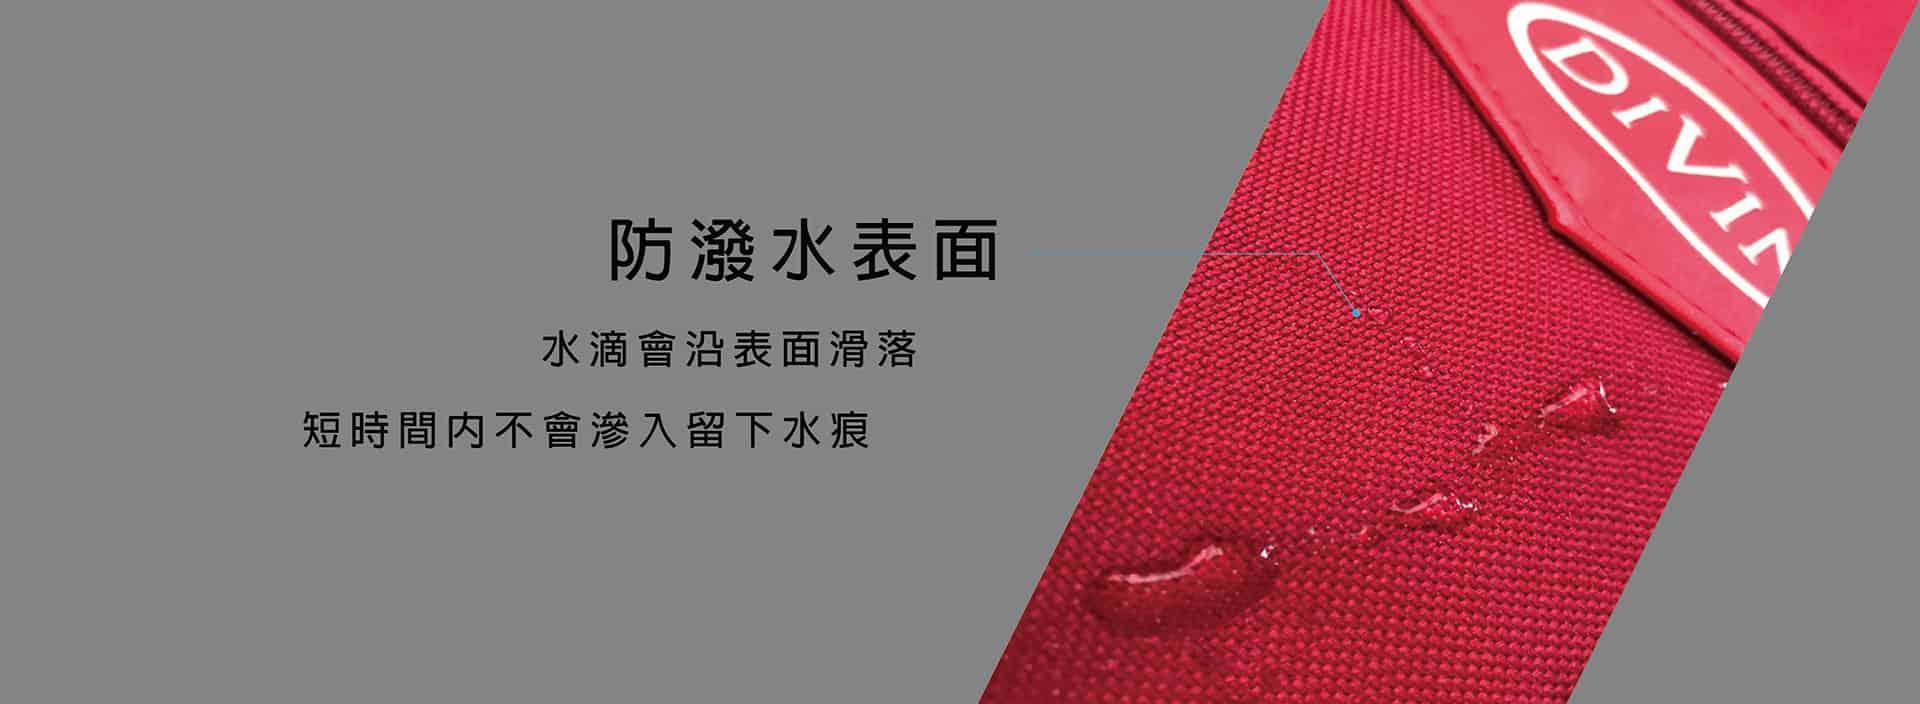 紅色酒袋防潑水表面